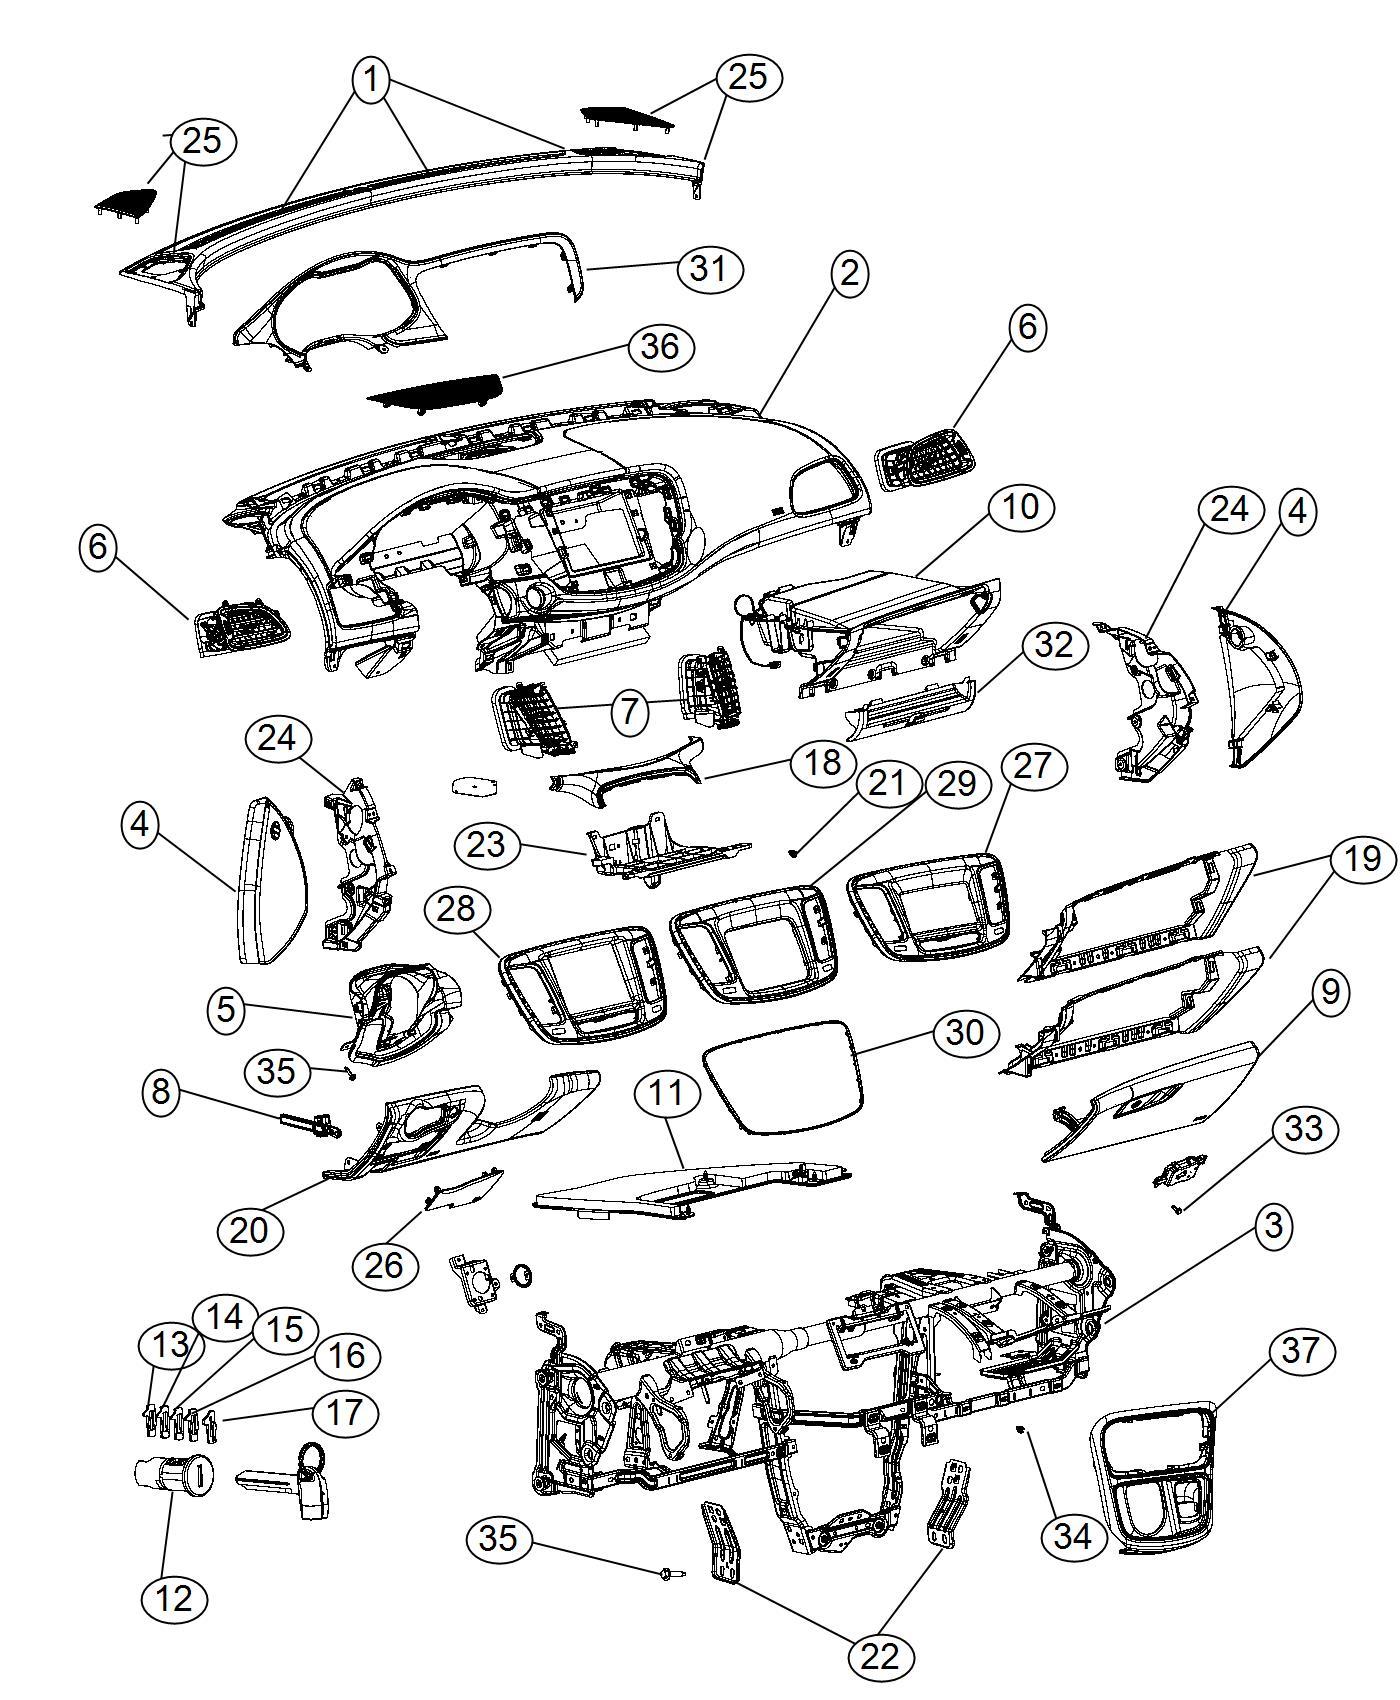 Chrysler 200 Bracket. Instrument panel. Right, right hand